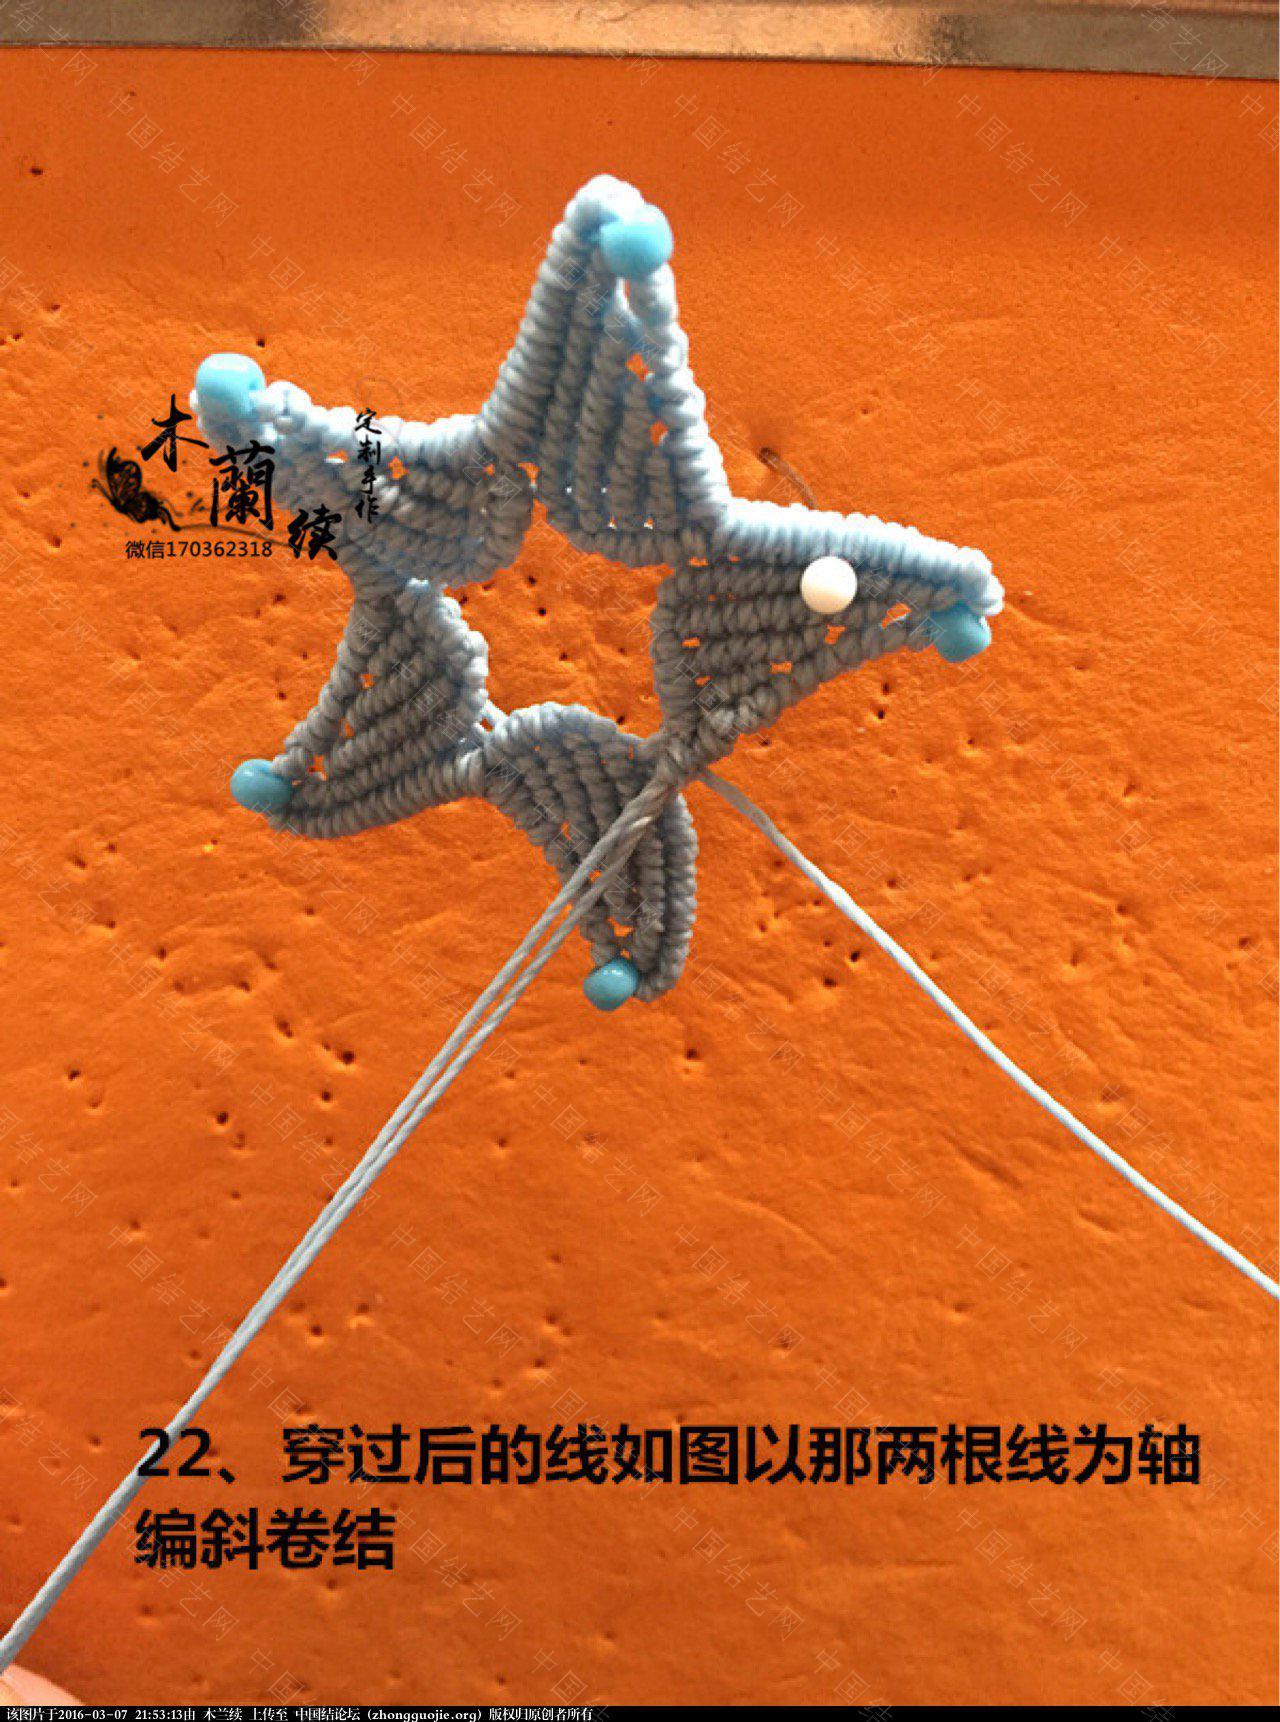 中国结论坛 【木兰续】萌萌的海星挂件! 木兰 图文教程区 214913tfhb5g03ldv0vin3